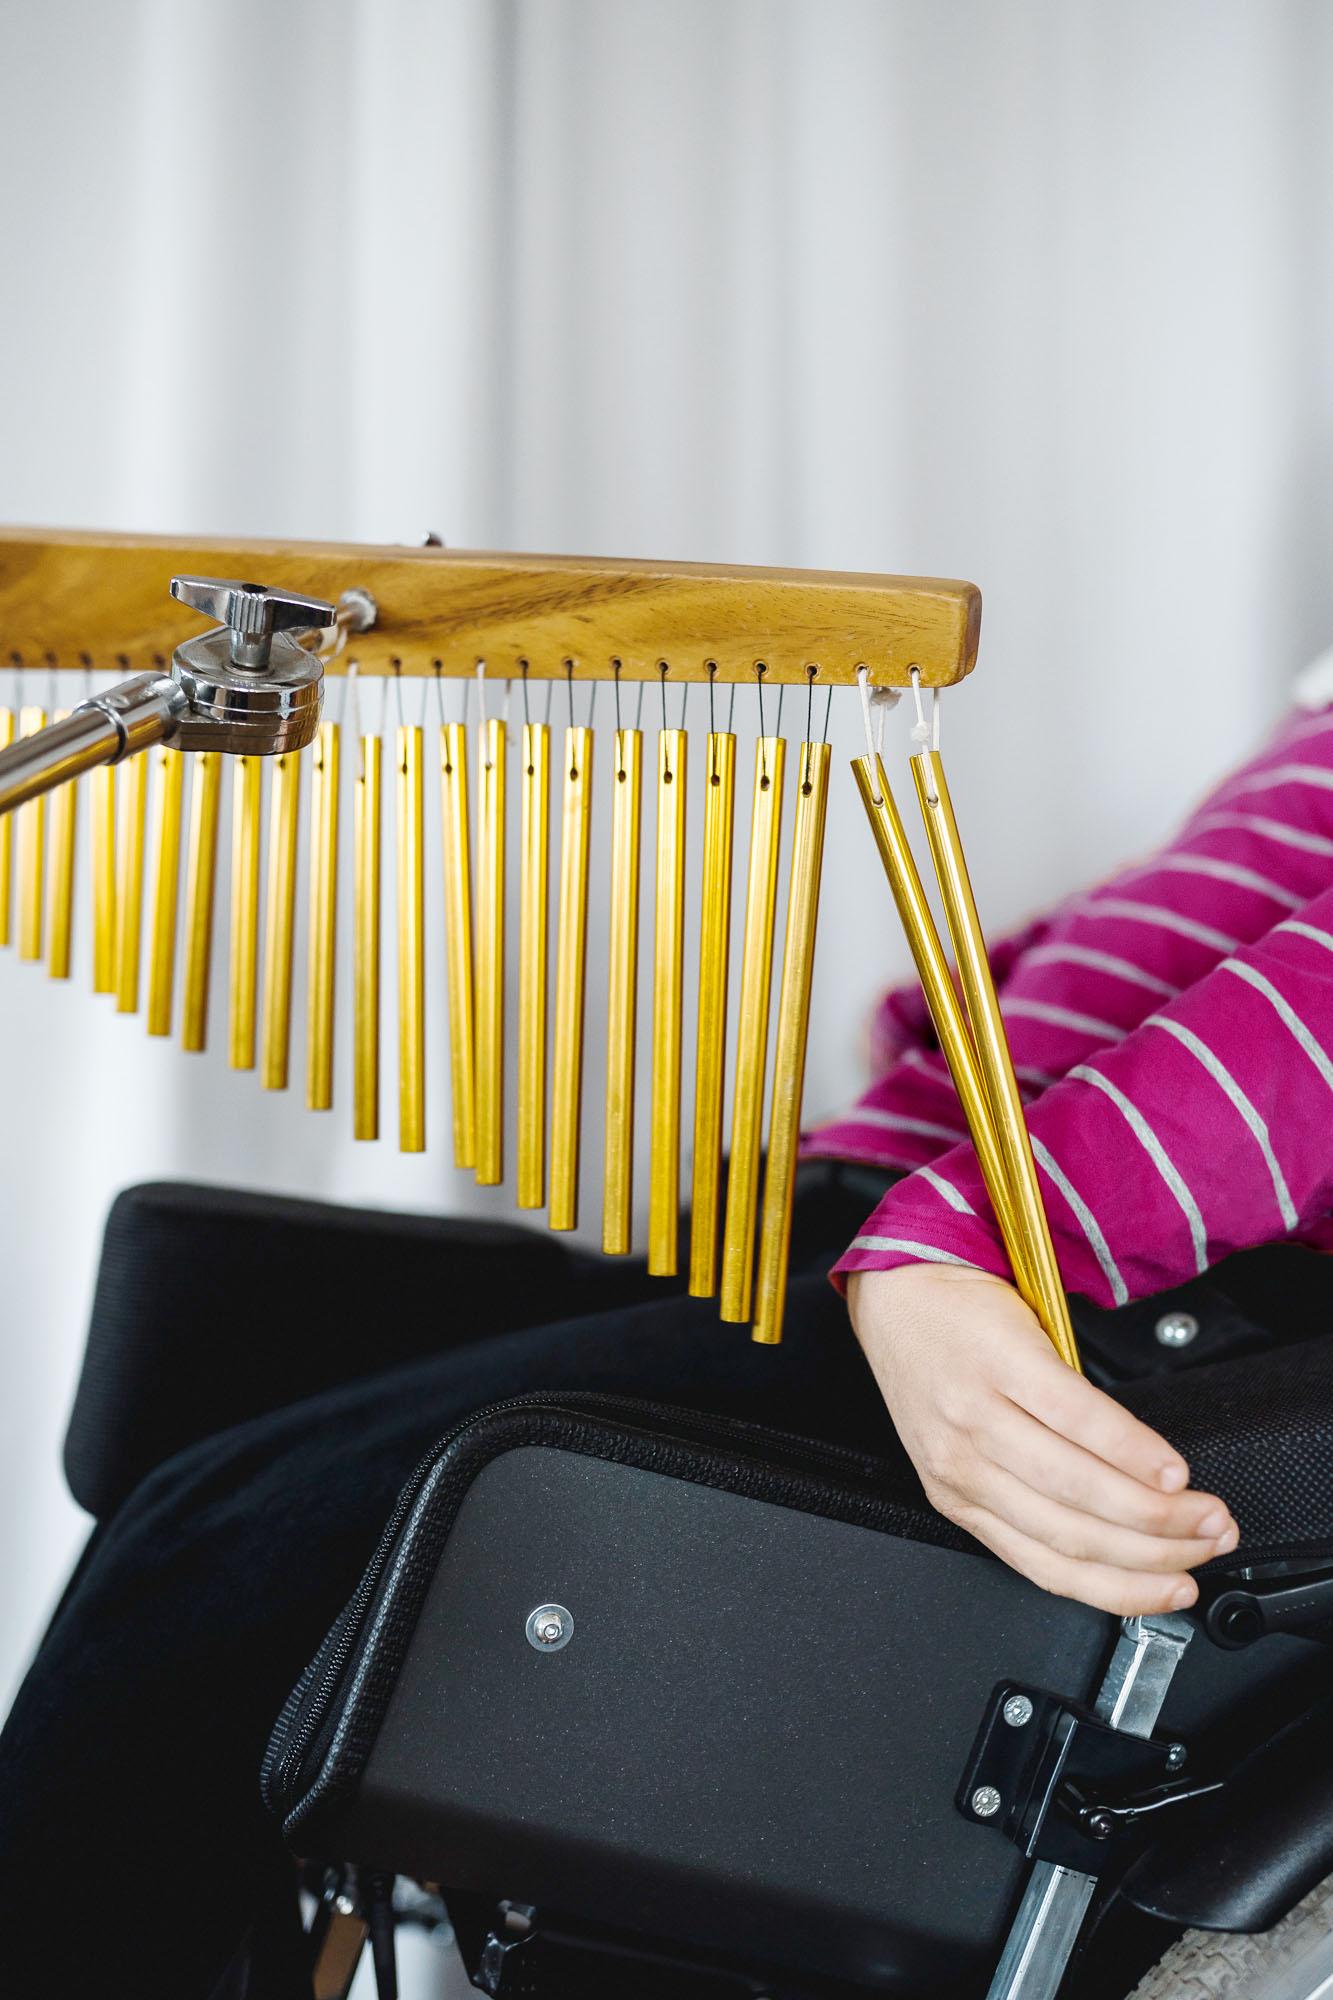 Klangstäbe und Dame im Rollstuhl